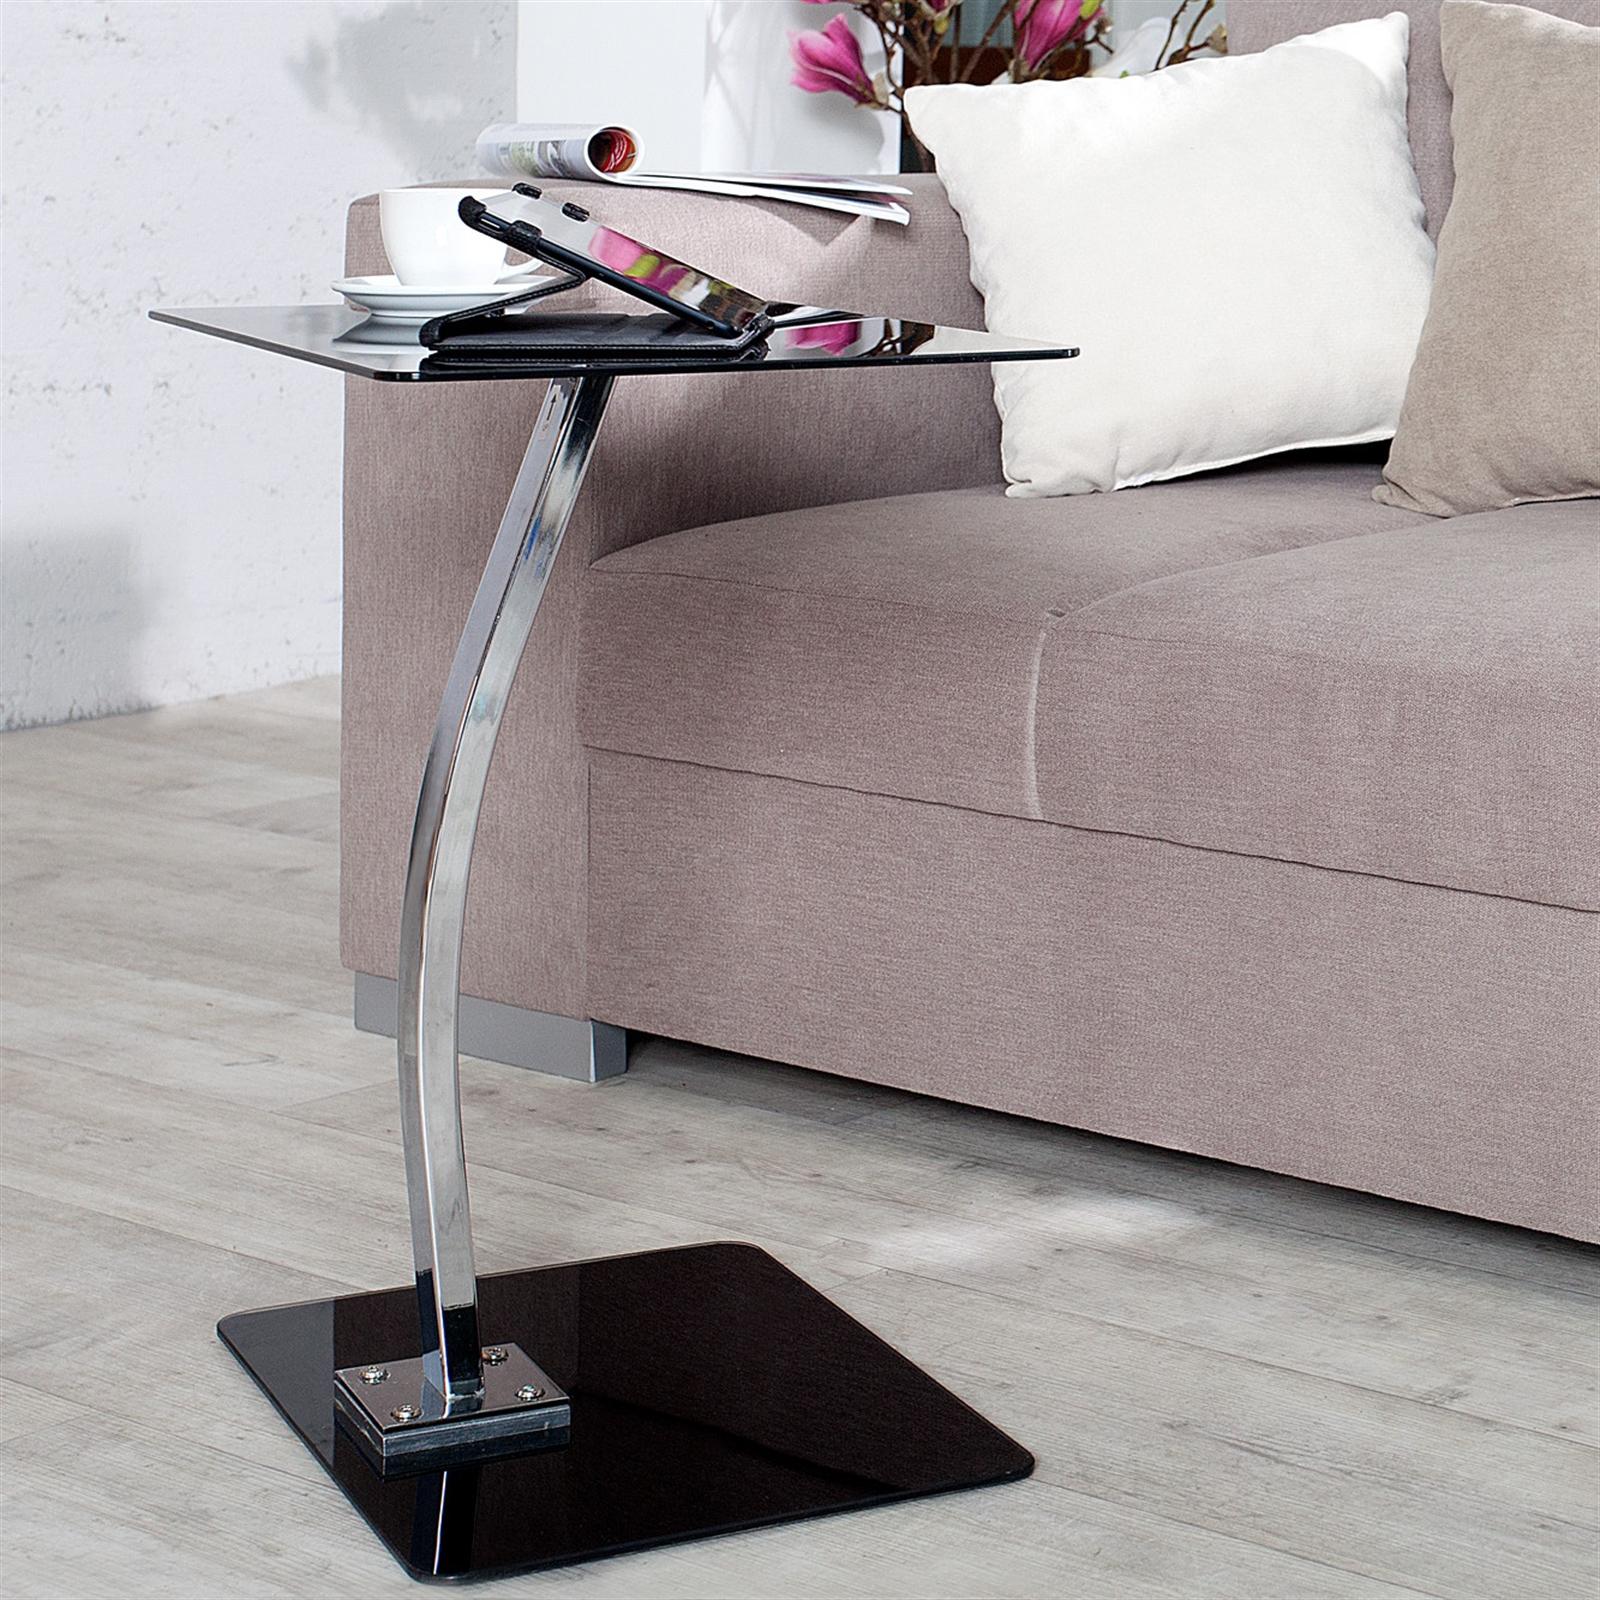 glas beistelltisch james 58 cm schwarz wohnzimmertisch - Glasbeistelltisch